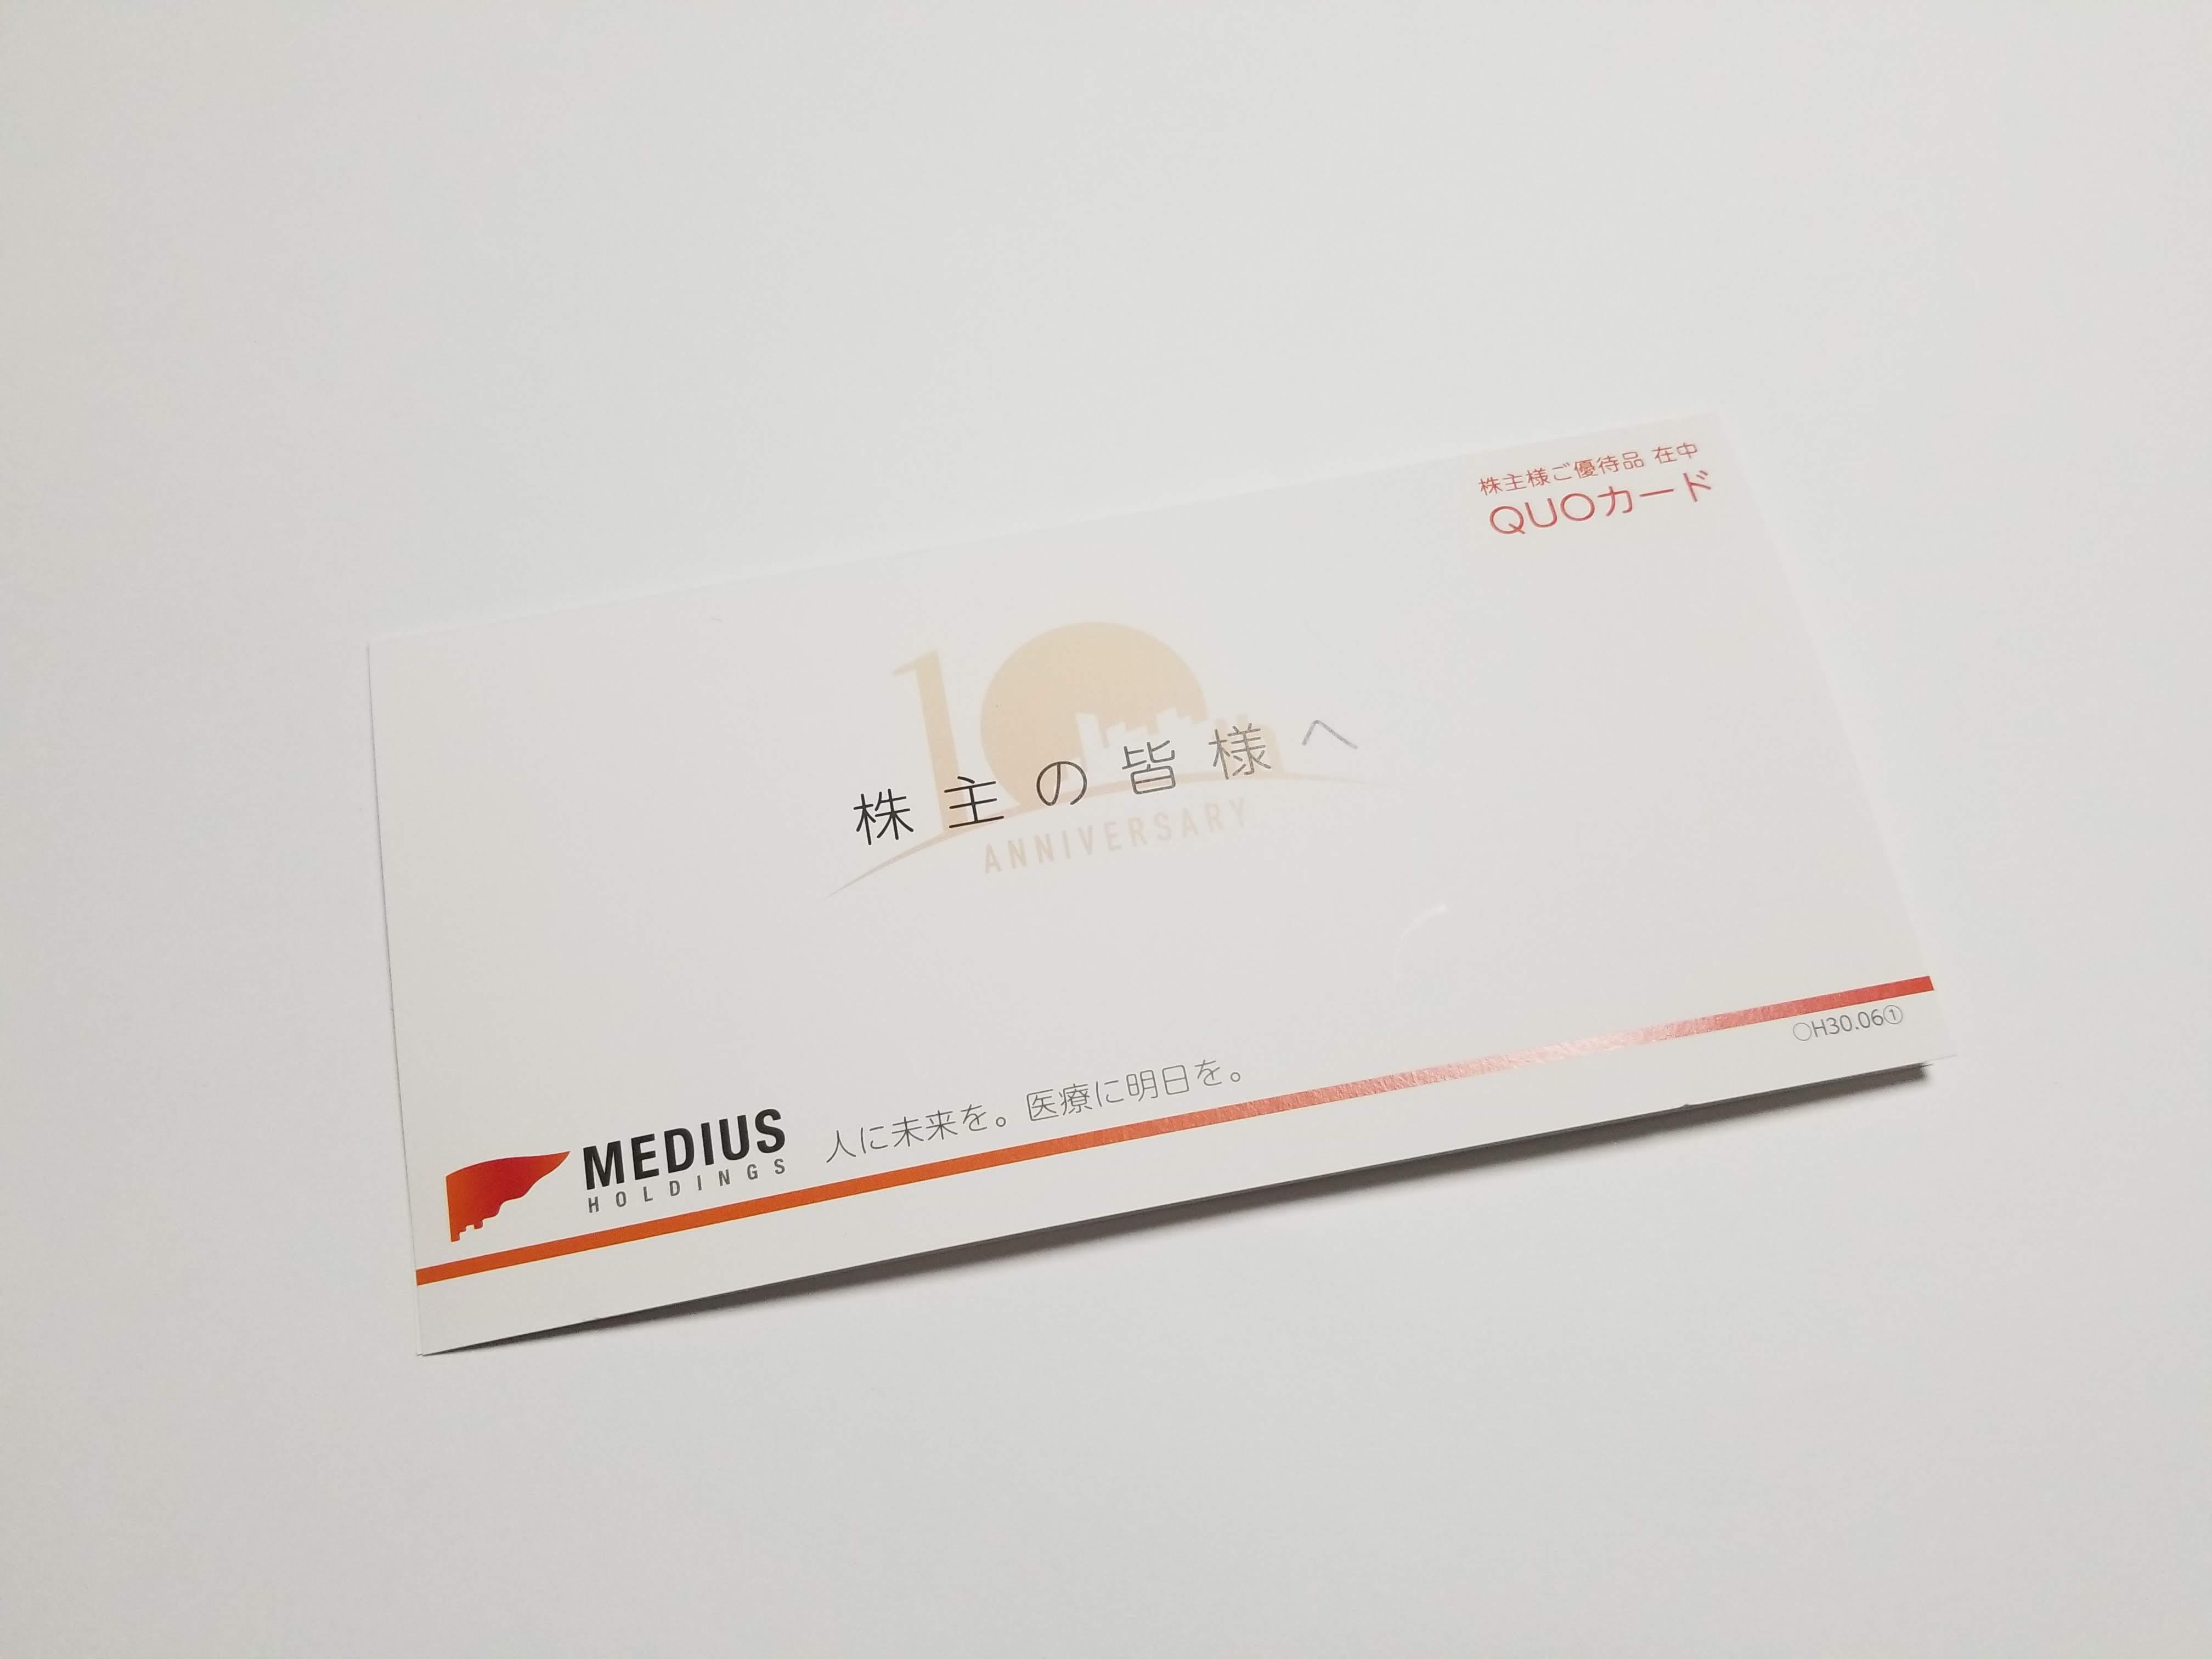 メディアスホールディングス(3154)の株主優待到着!